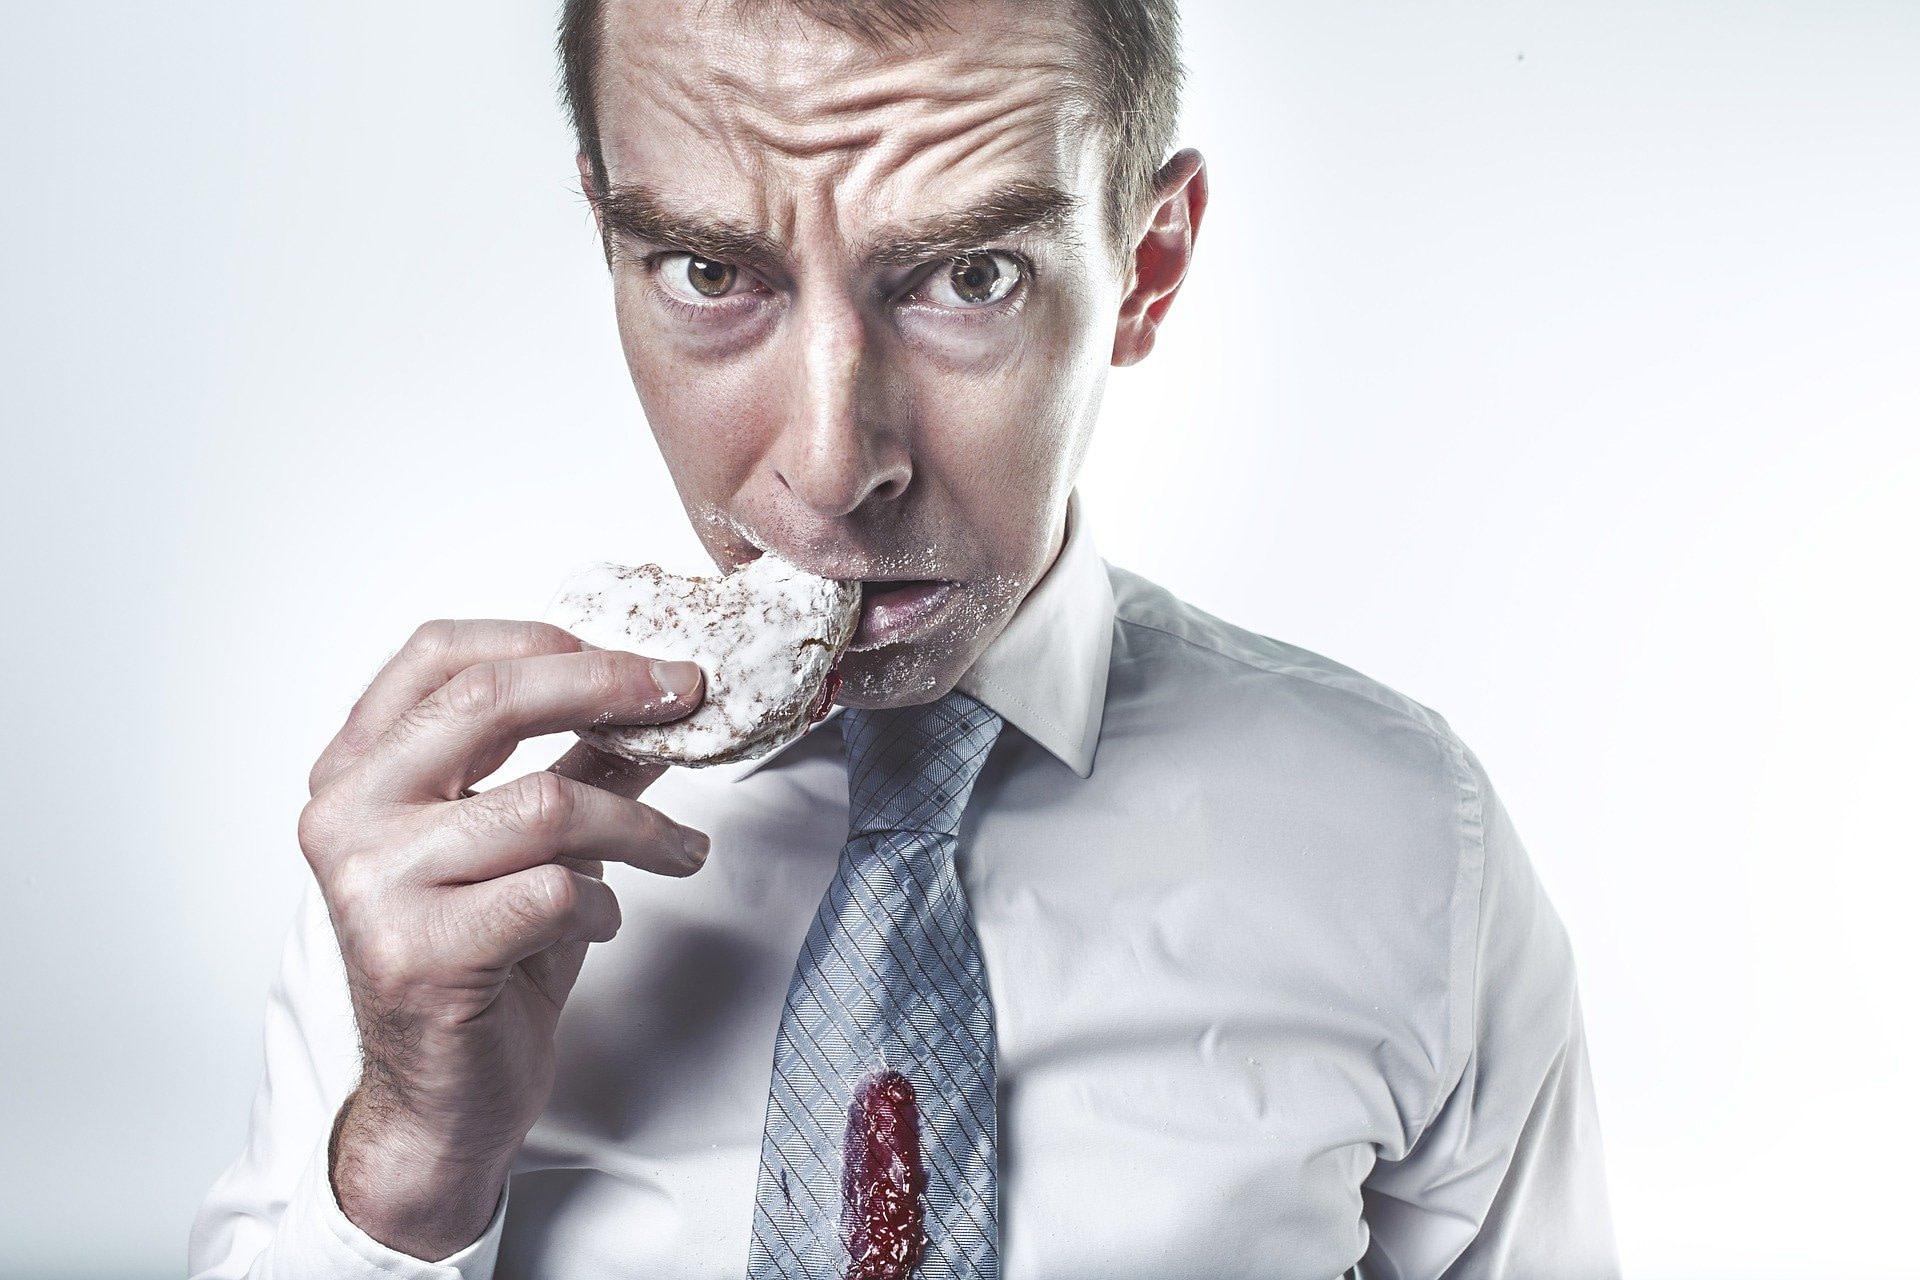 Stress Eating - Emotional Eating